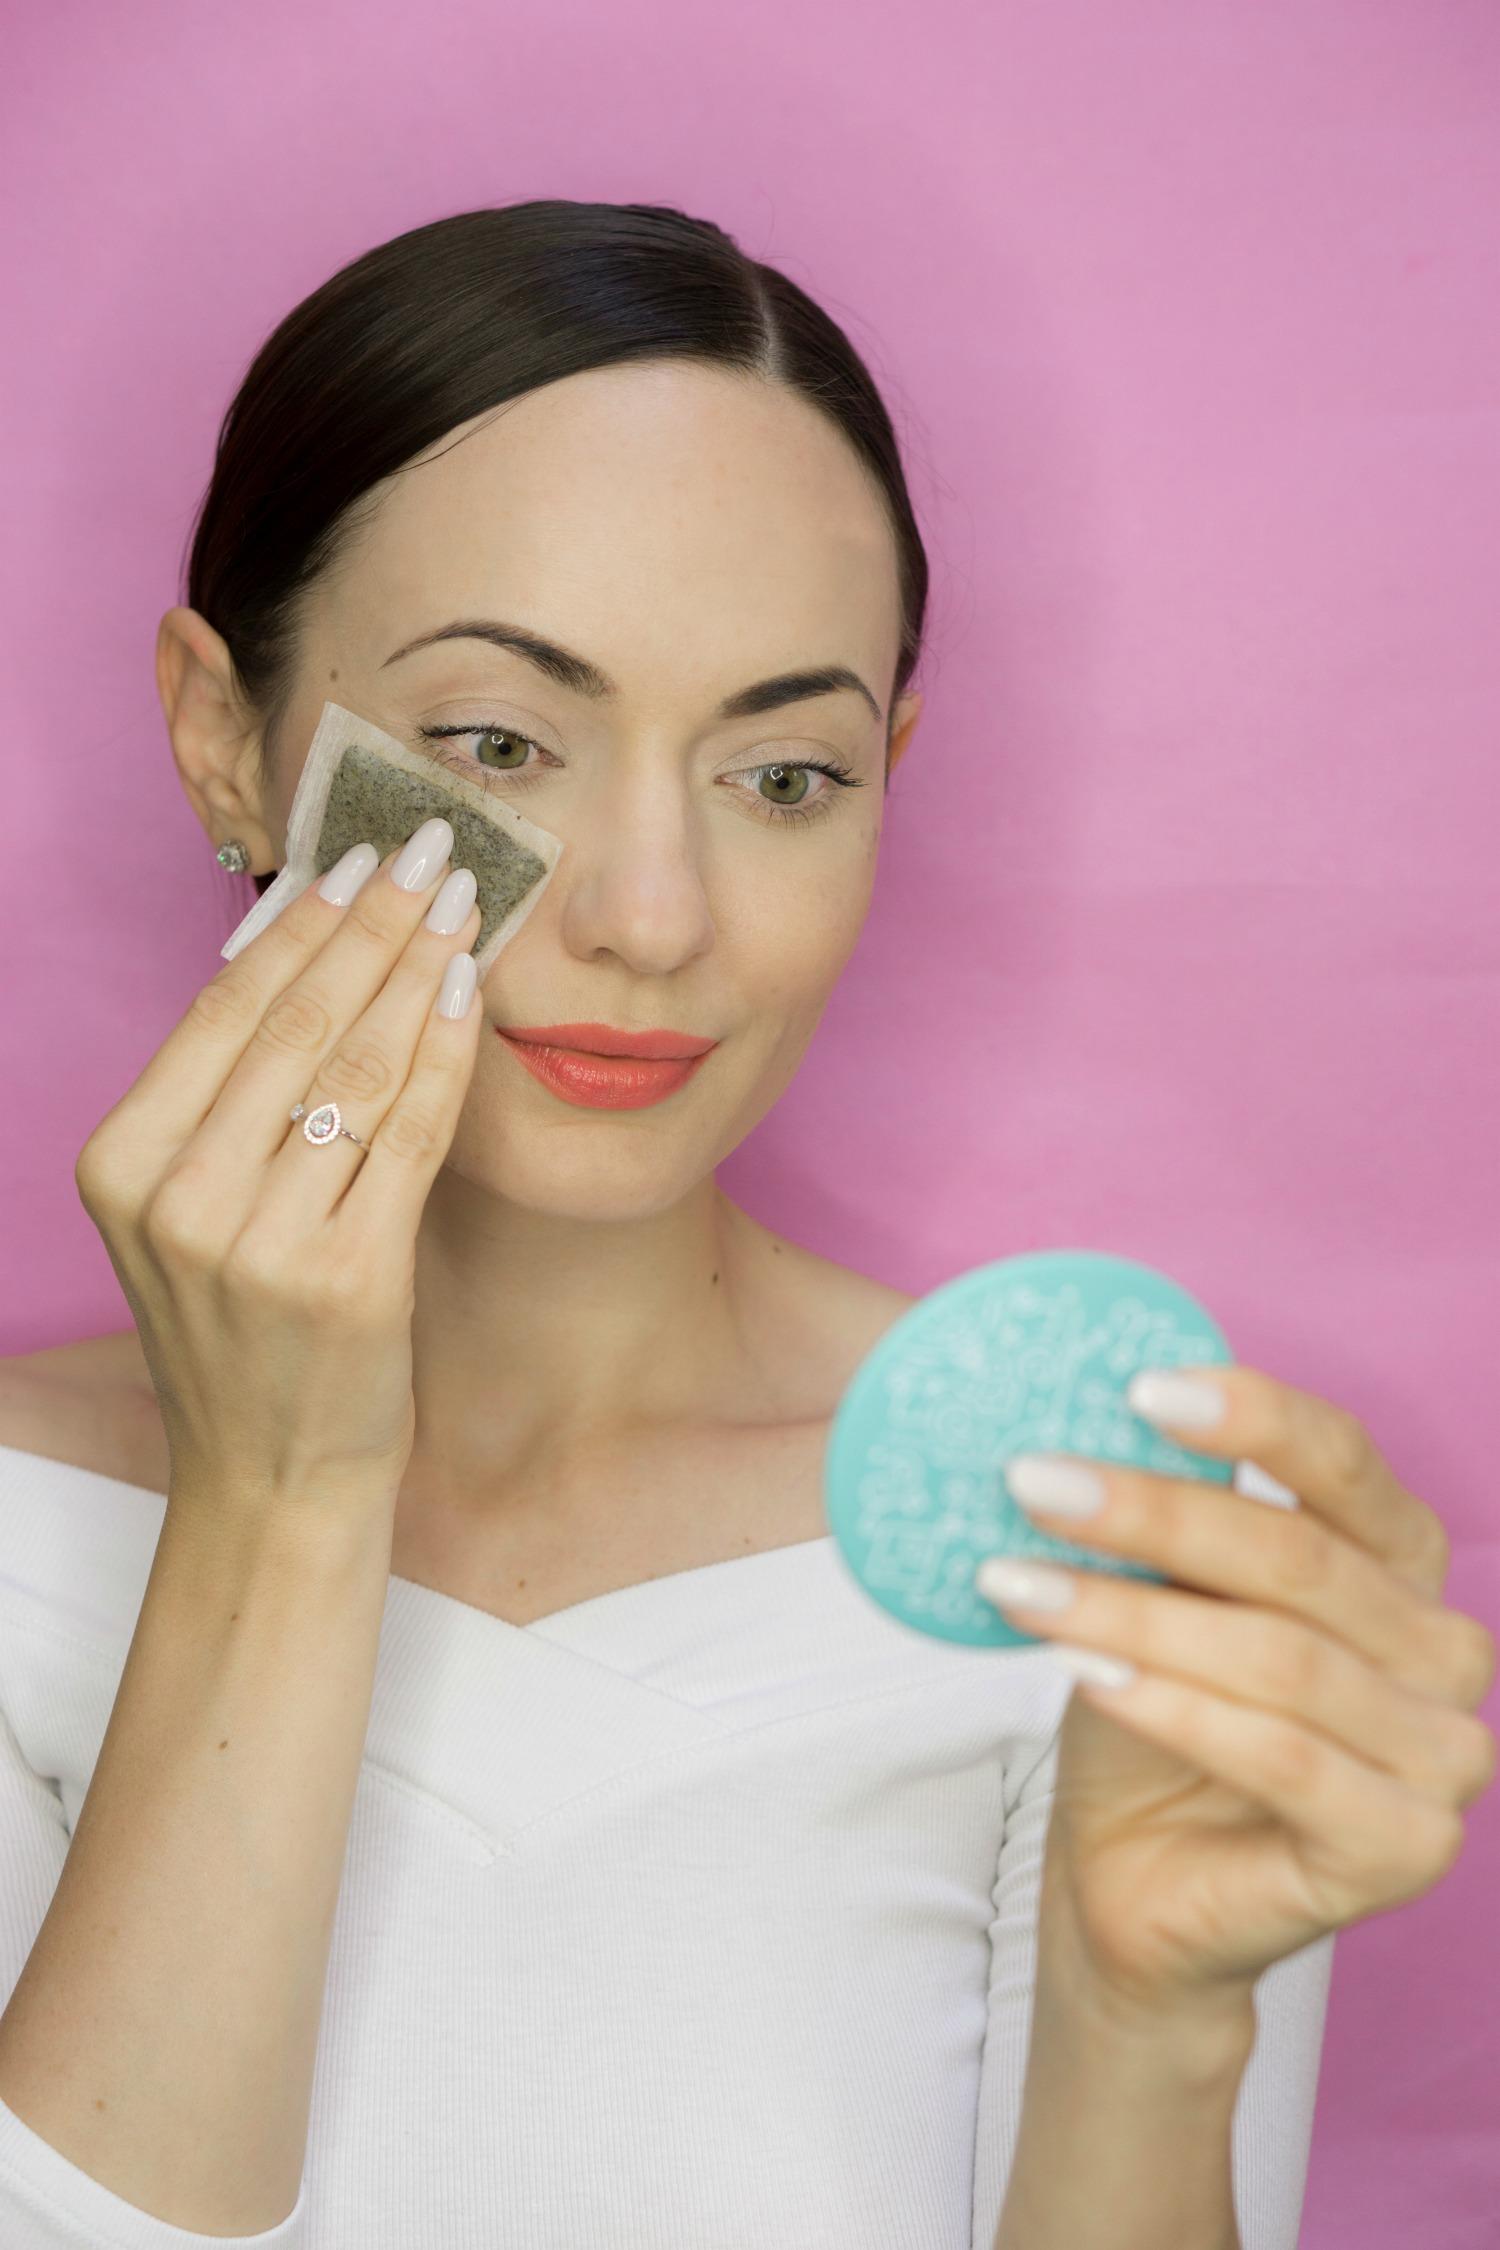 Ways to Get Rid of Dark Eye Circles